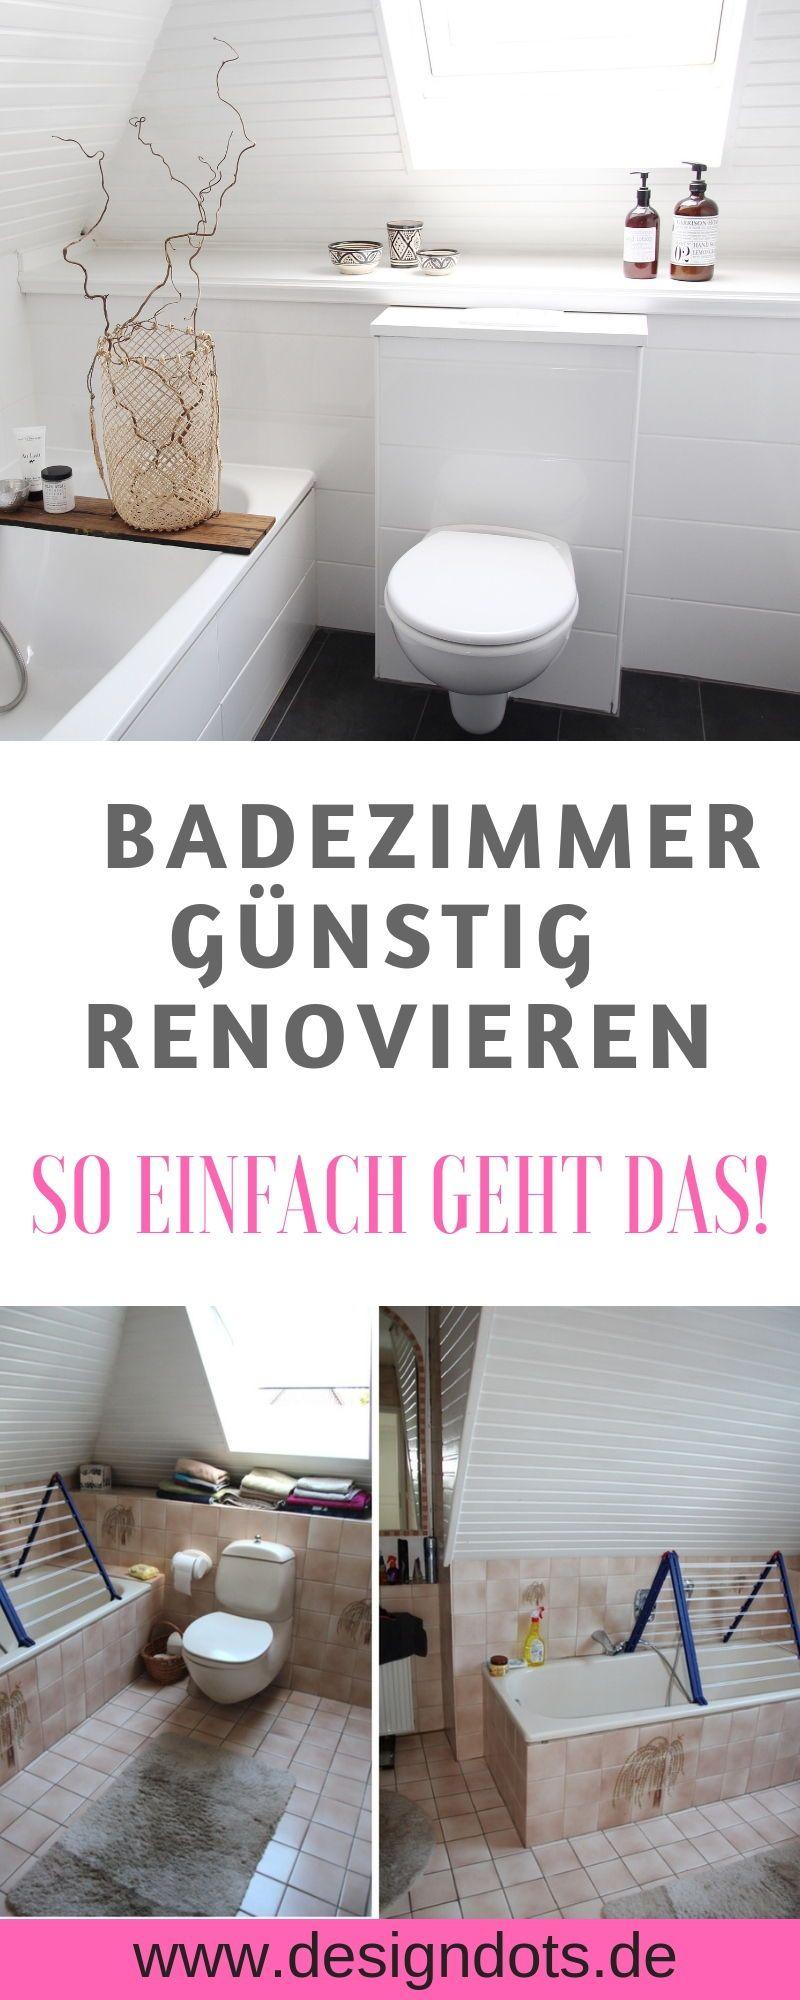 Badezimmer Selbst Renovieren Badezimmer Renovieren Bad Renovieren Badezimmer Neu Gestalten